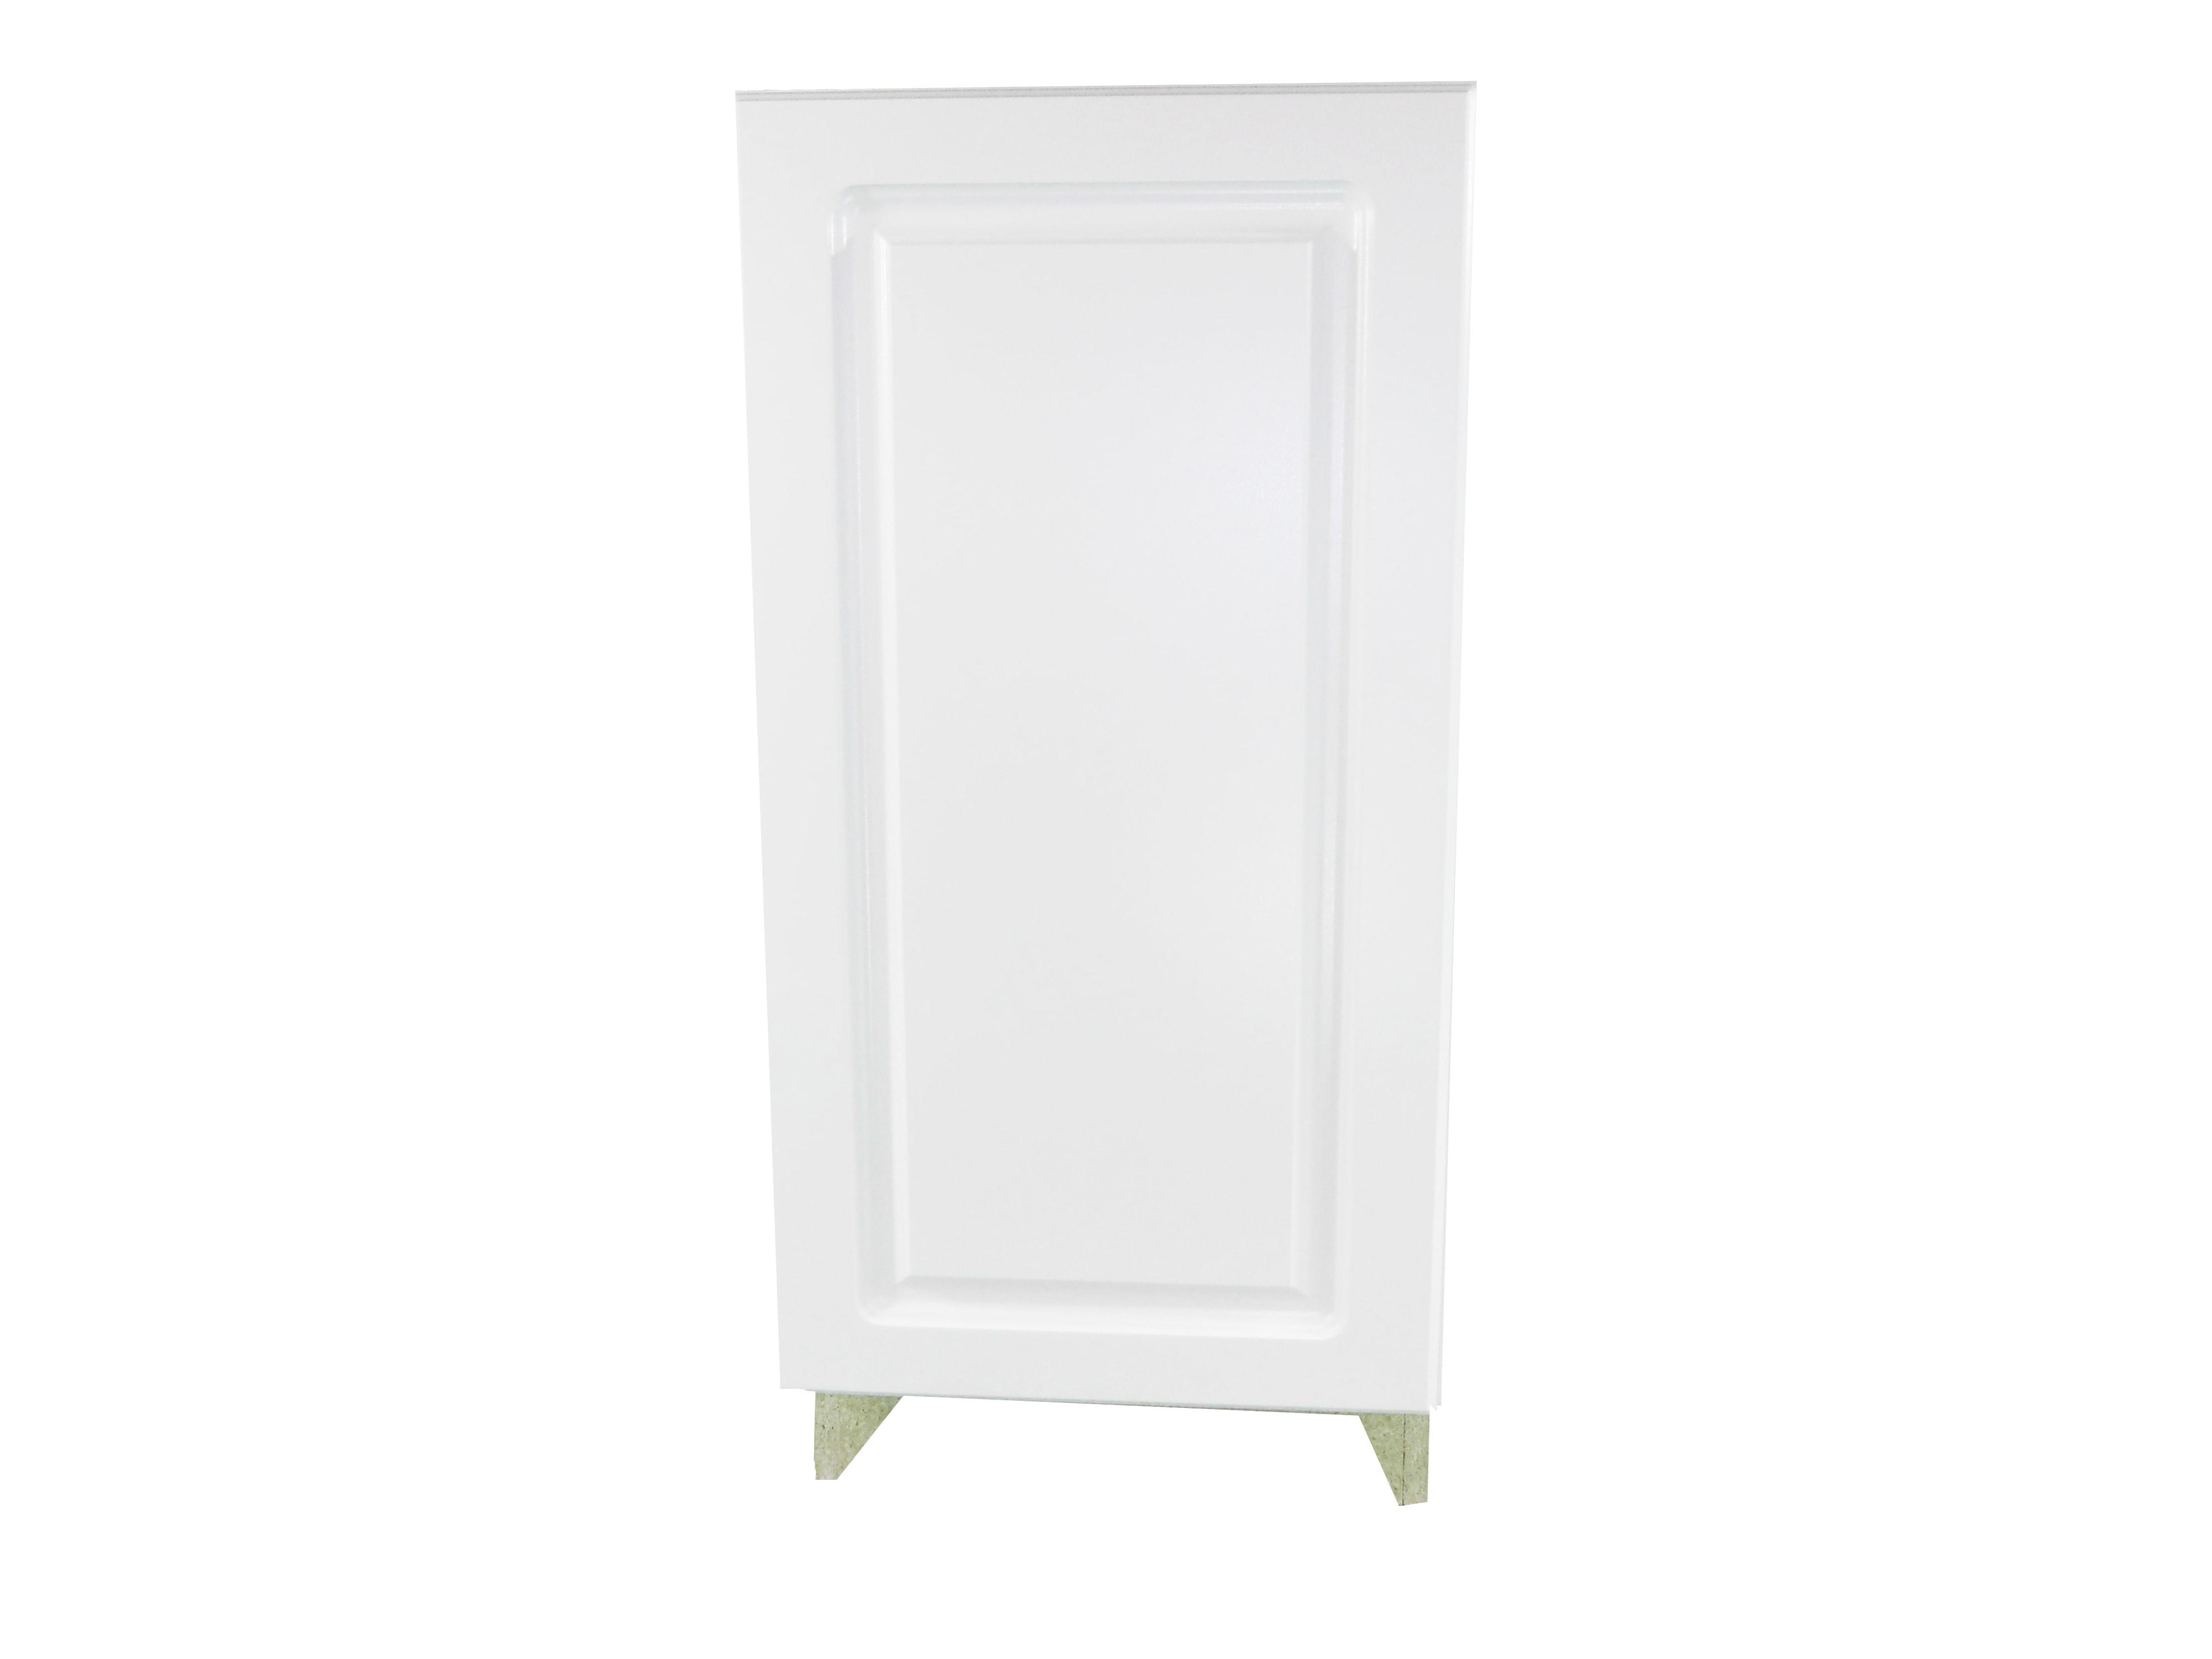 Base Cabinet With Door / San Juan / Raised Panel White / 18 San Juan 0